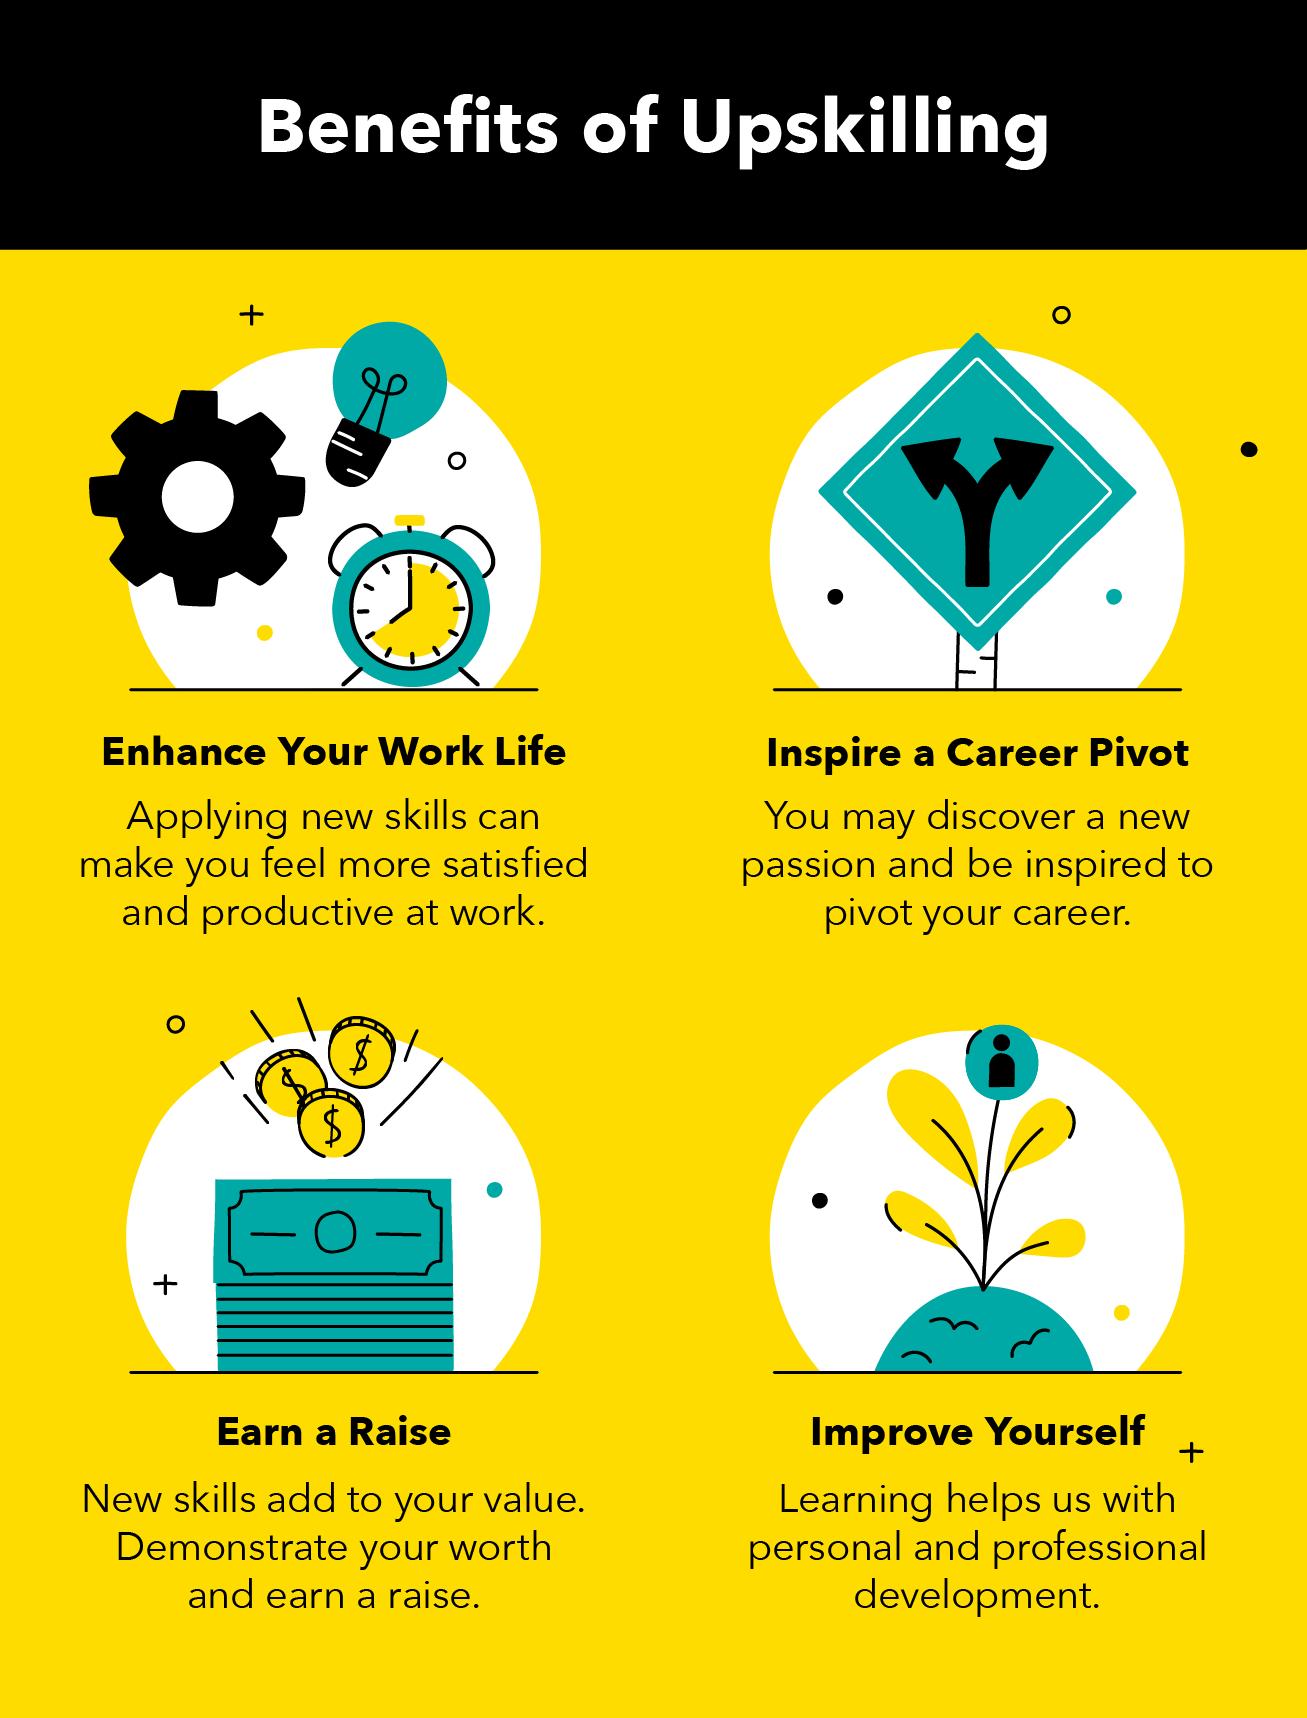 benefits-of-upskilling